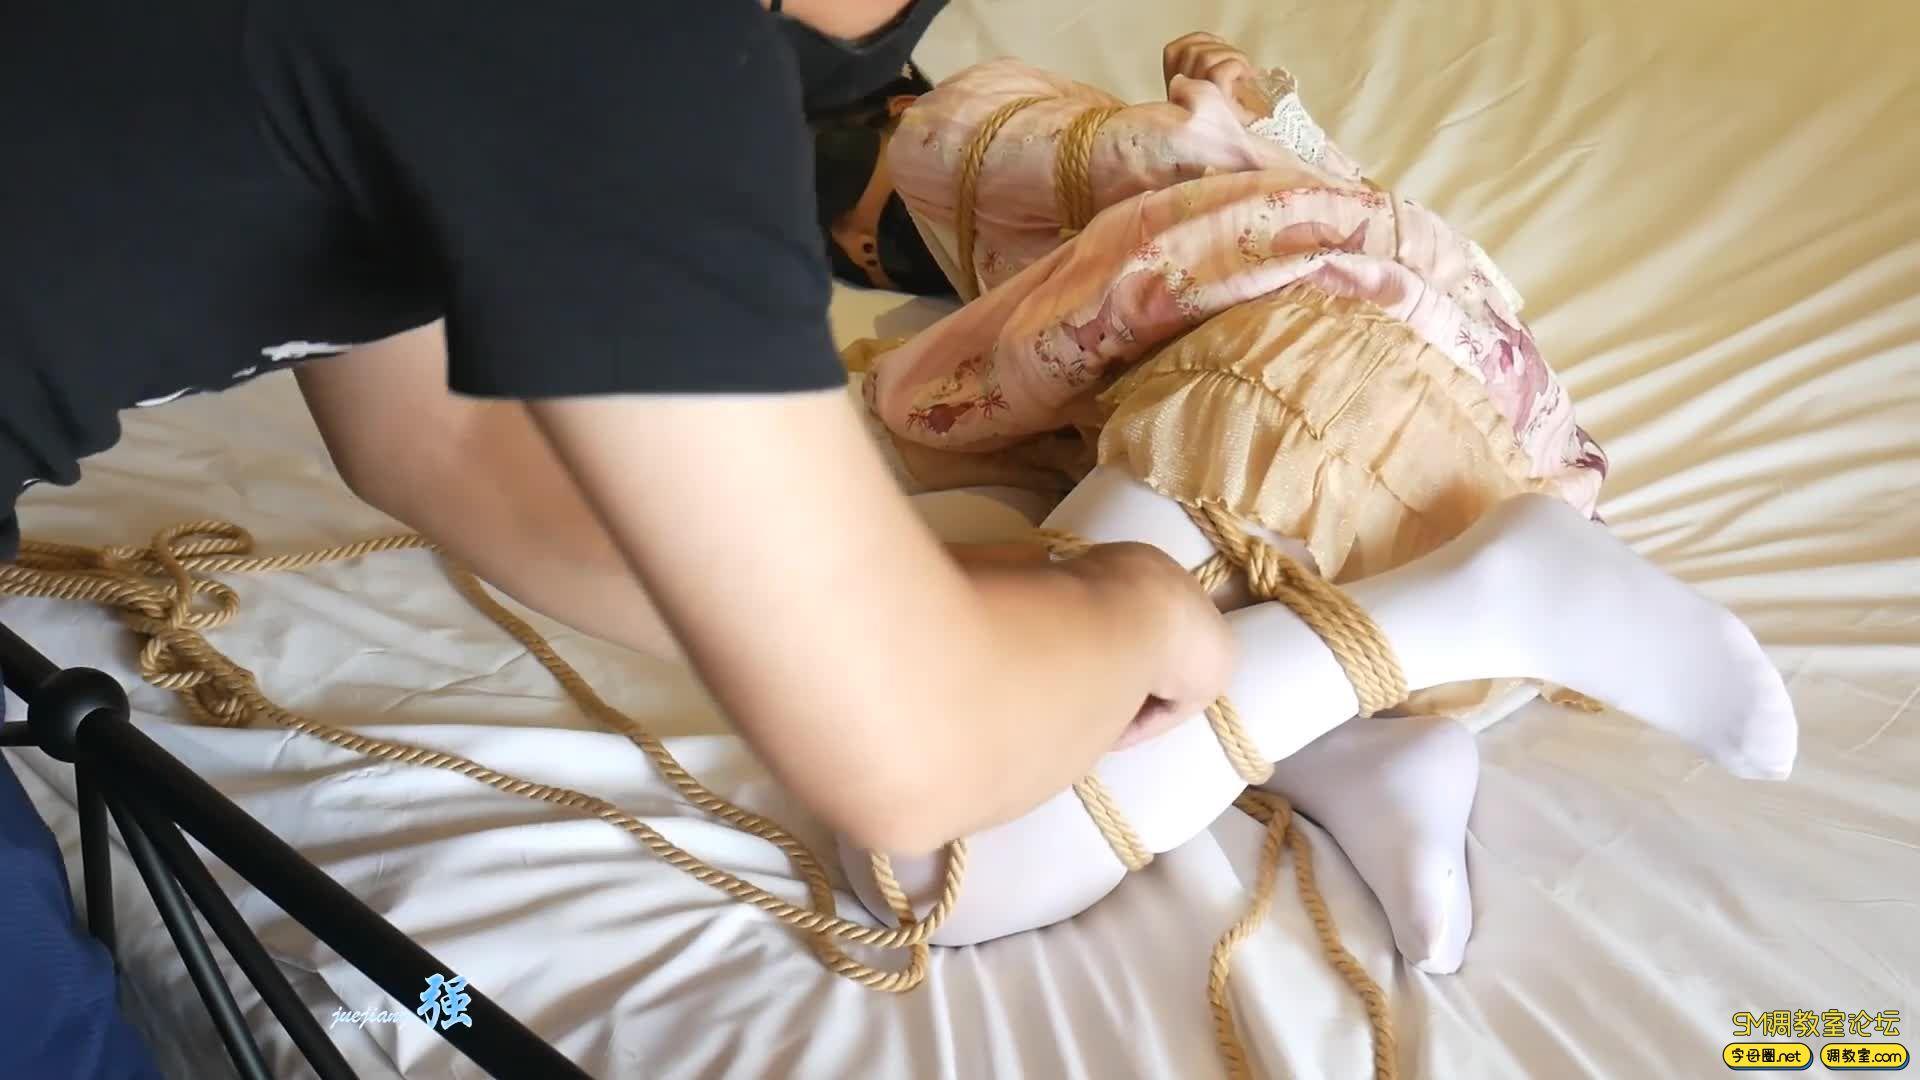 【小羽】第二弹 M腿 放置 挠脚丫 尝试脱出-视频截图2